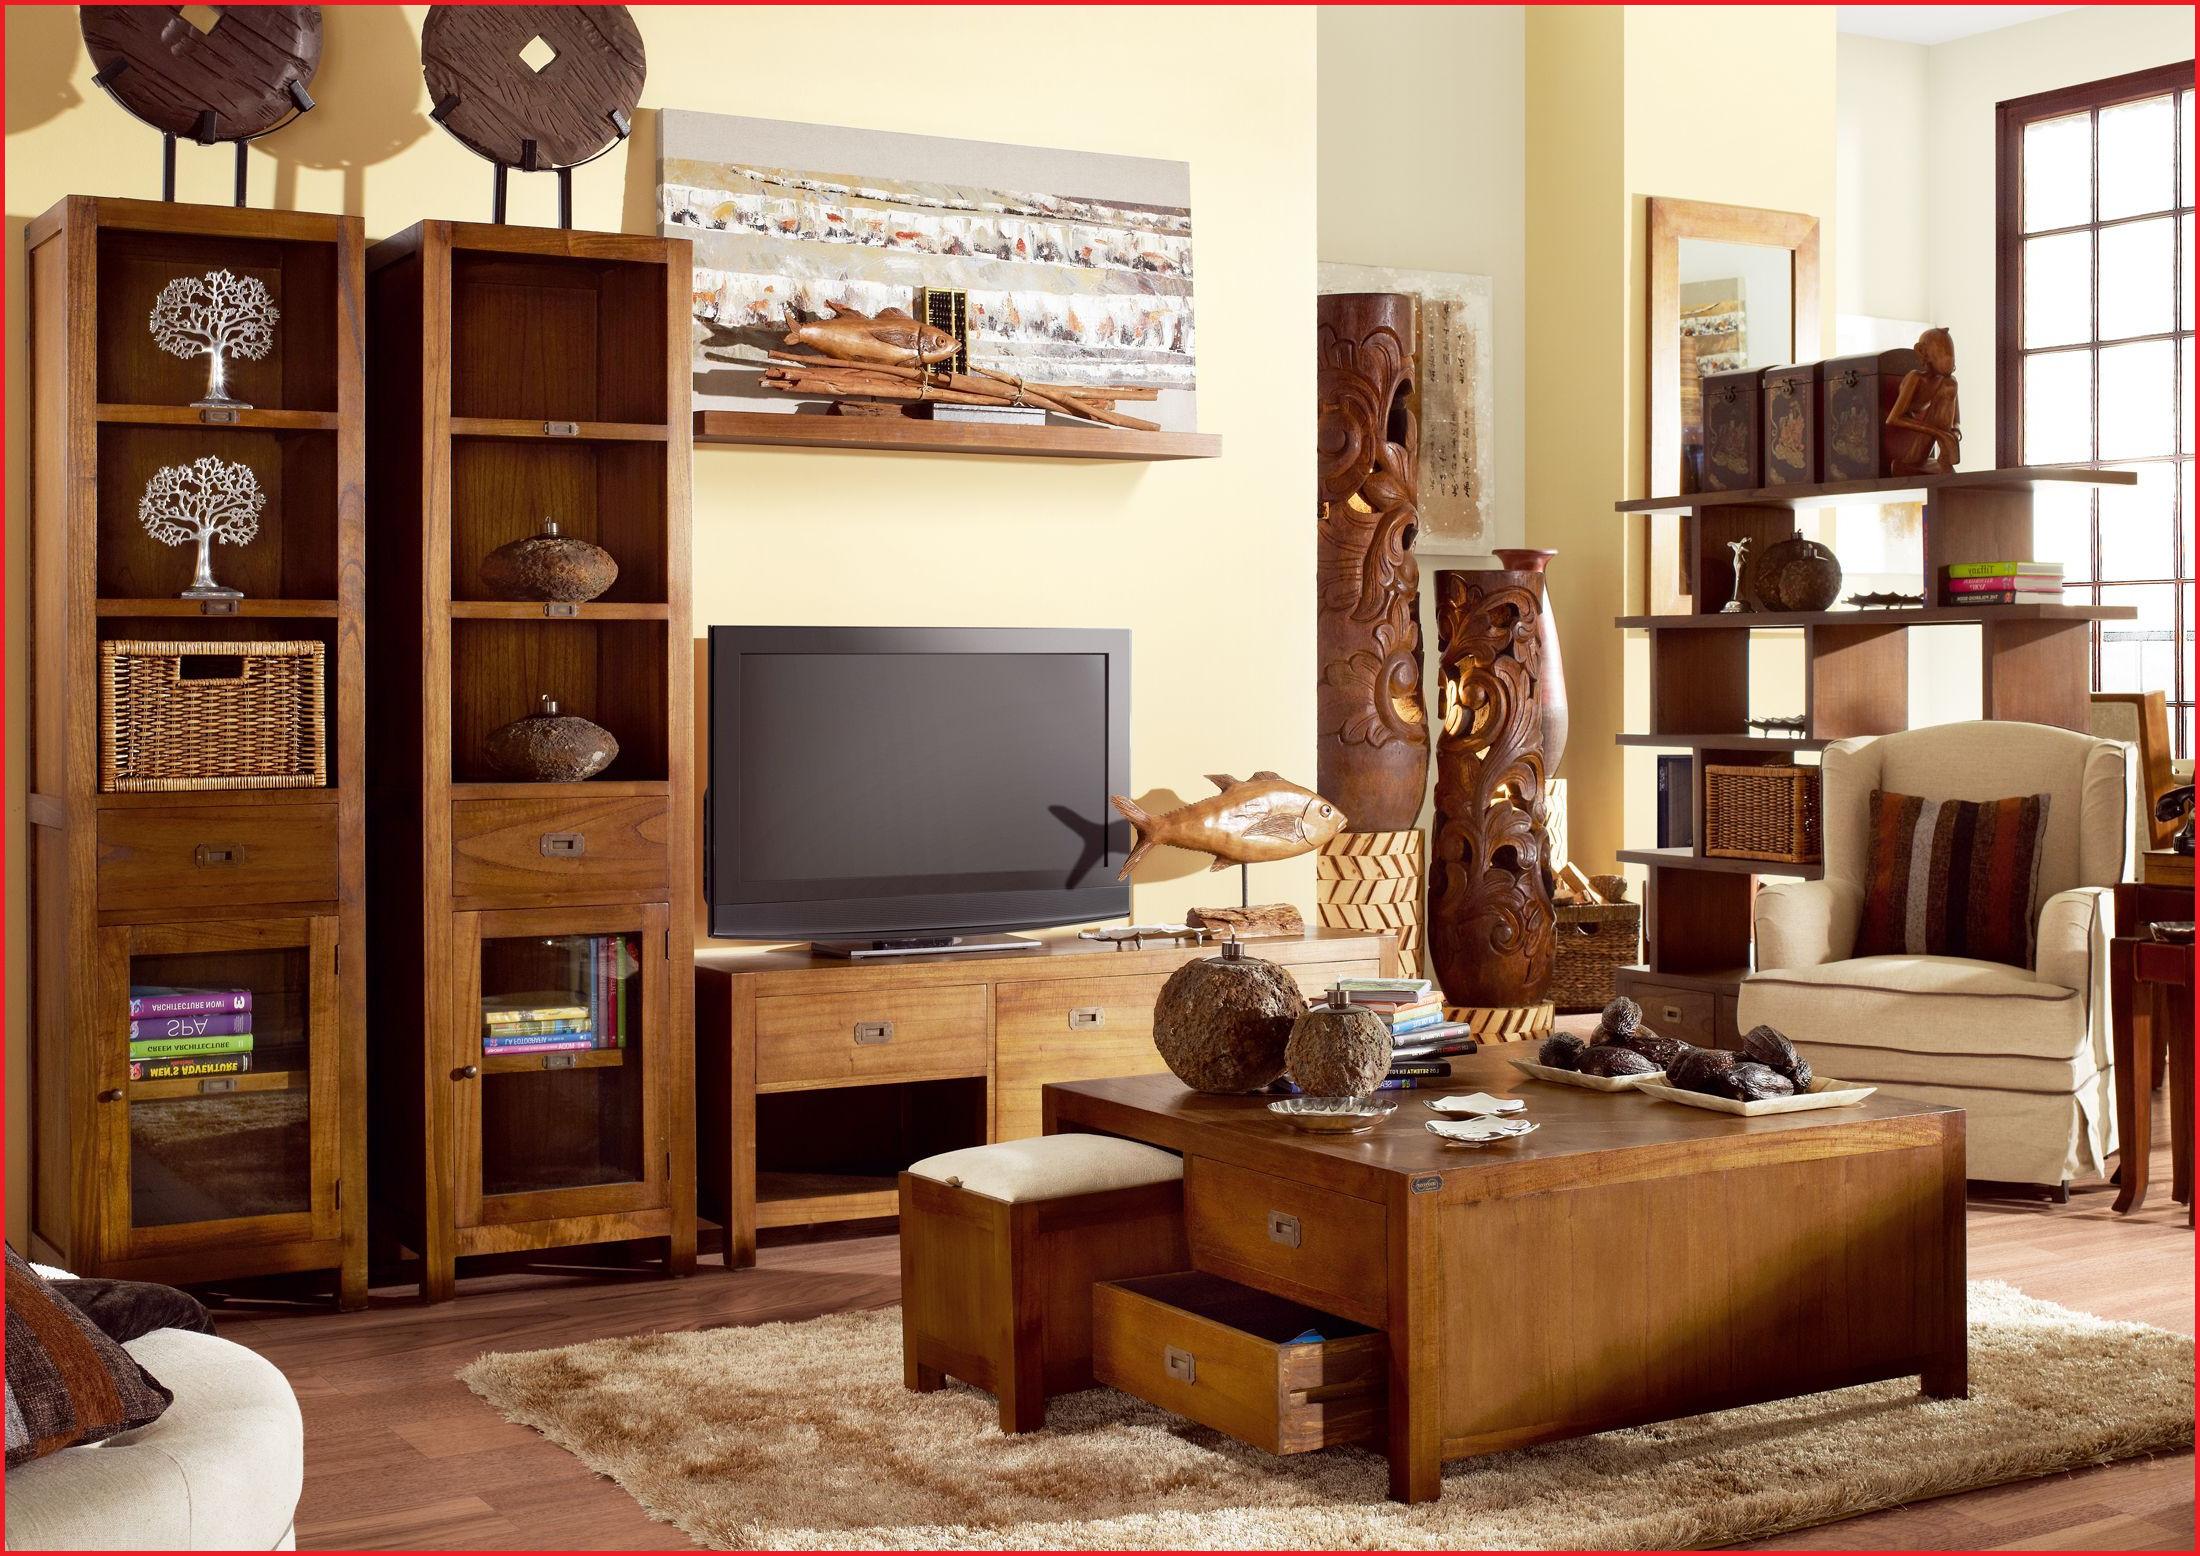 Muebles Coloniales Online Tldn Muebles Coloniales Online PosiciN ColecciN Star De Rºstico